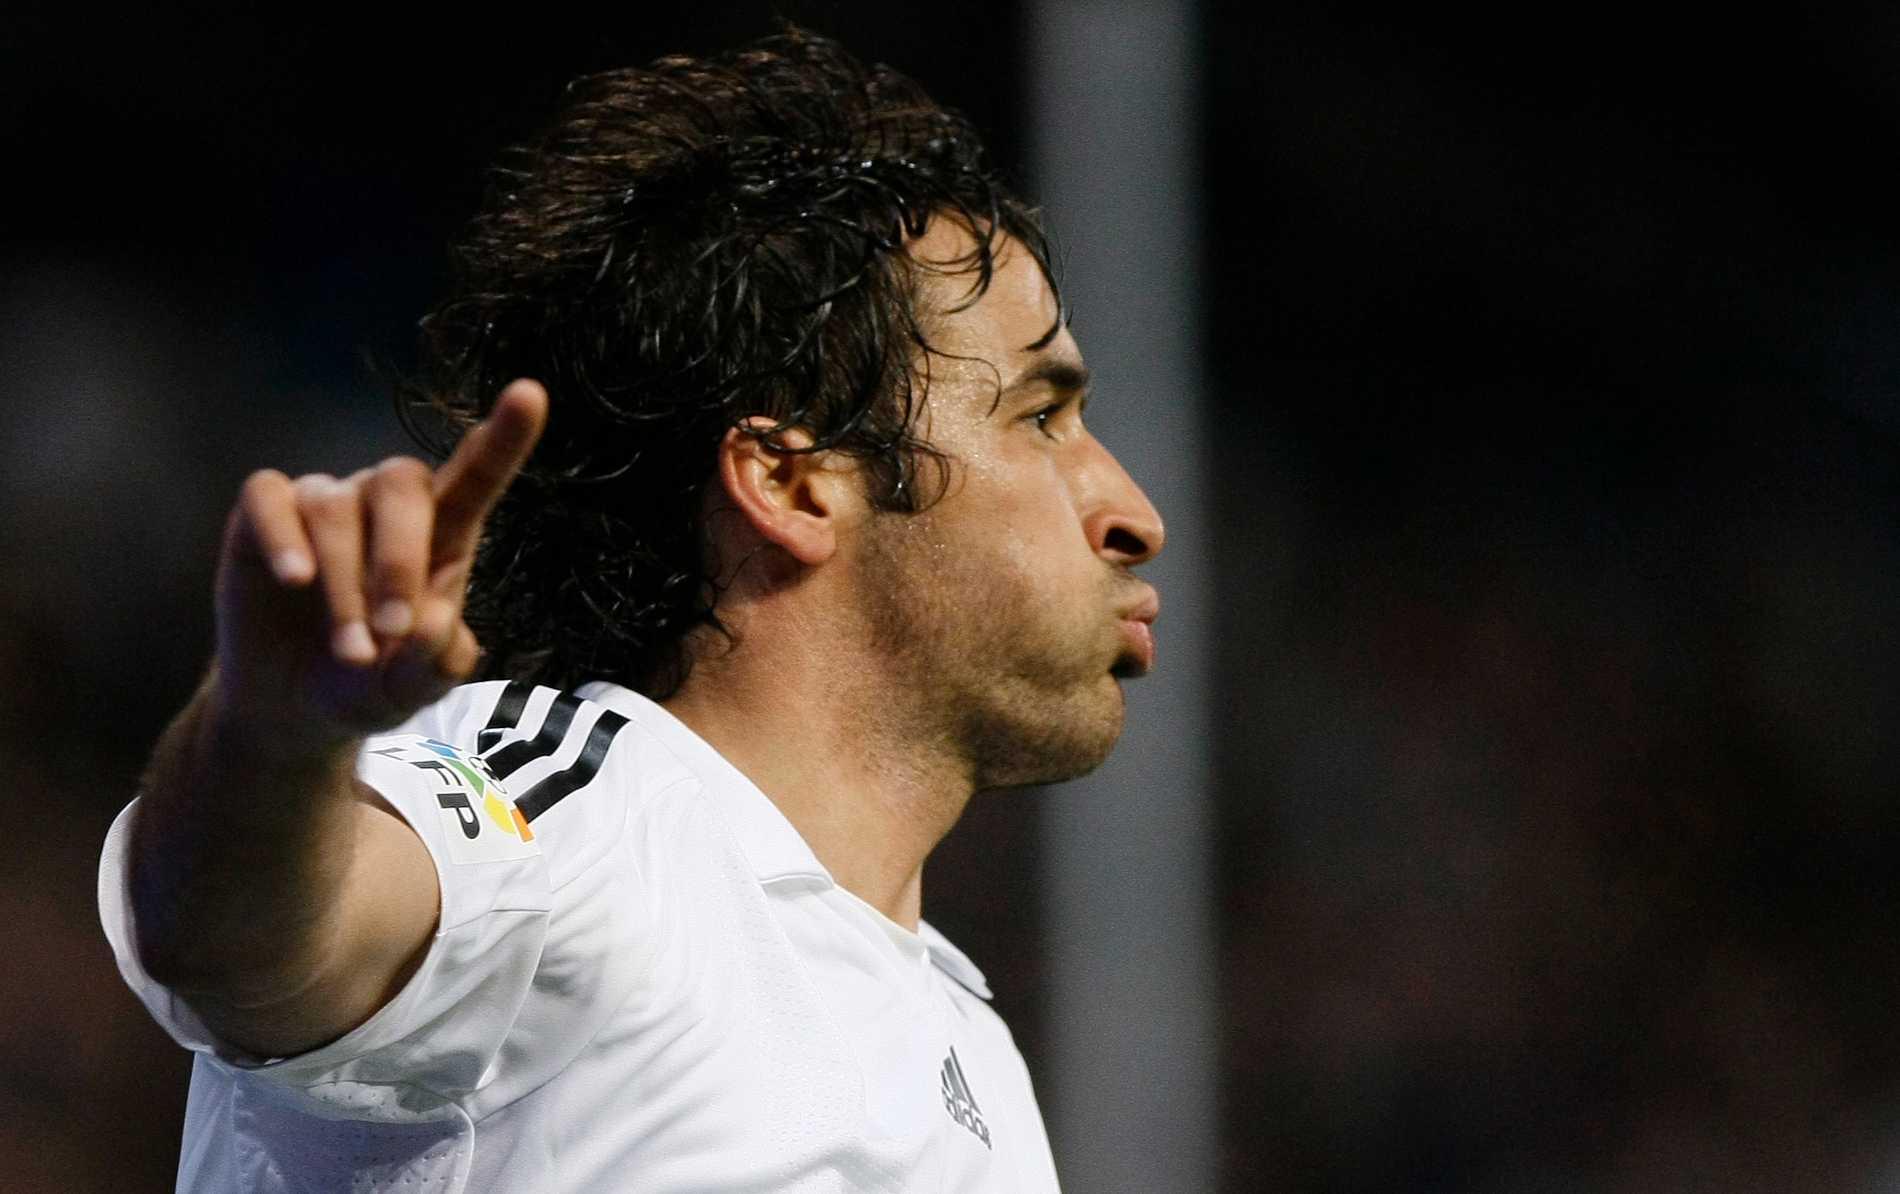 Raul gjorde två mål.